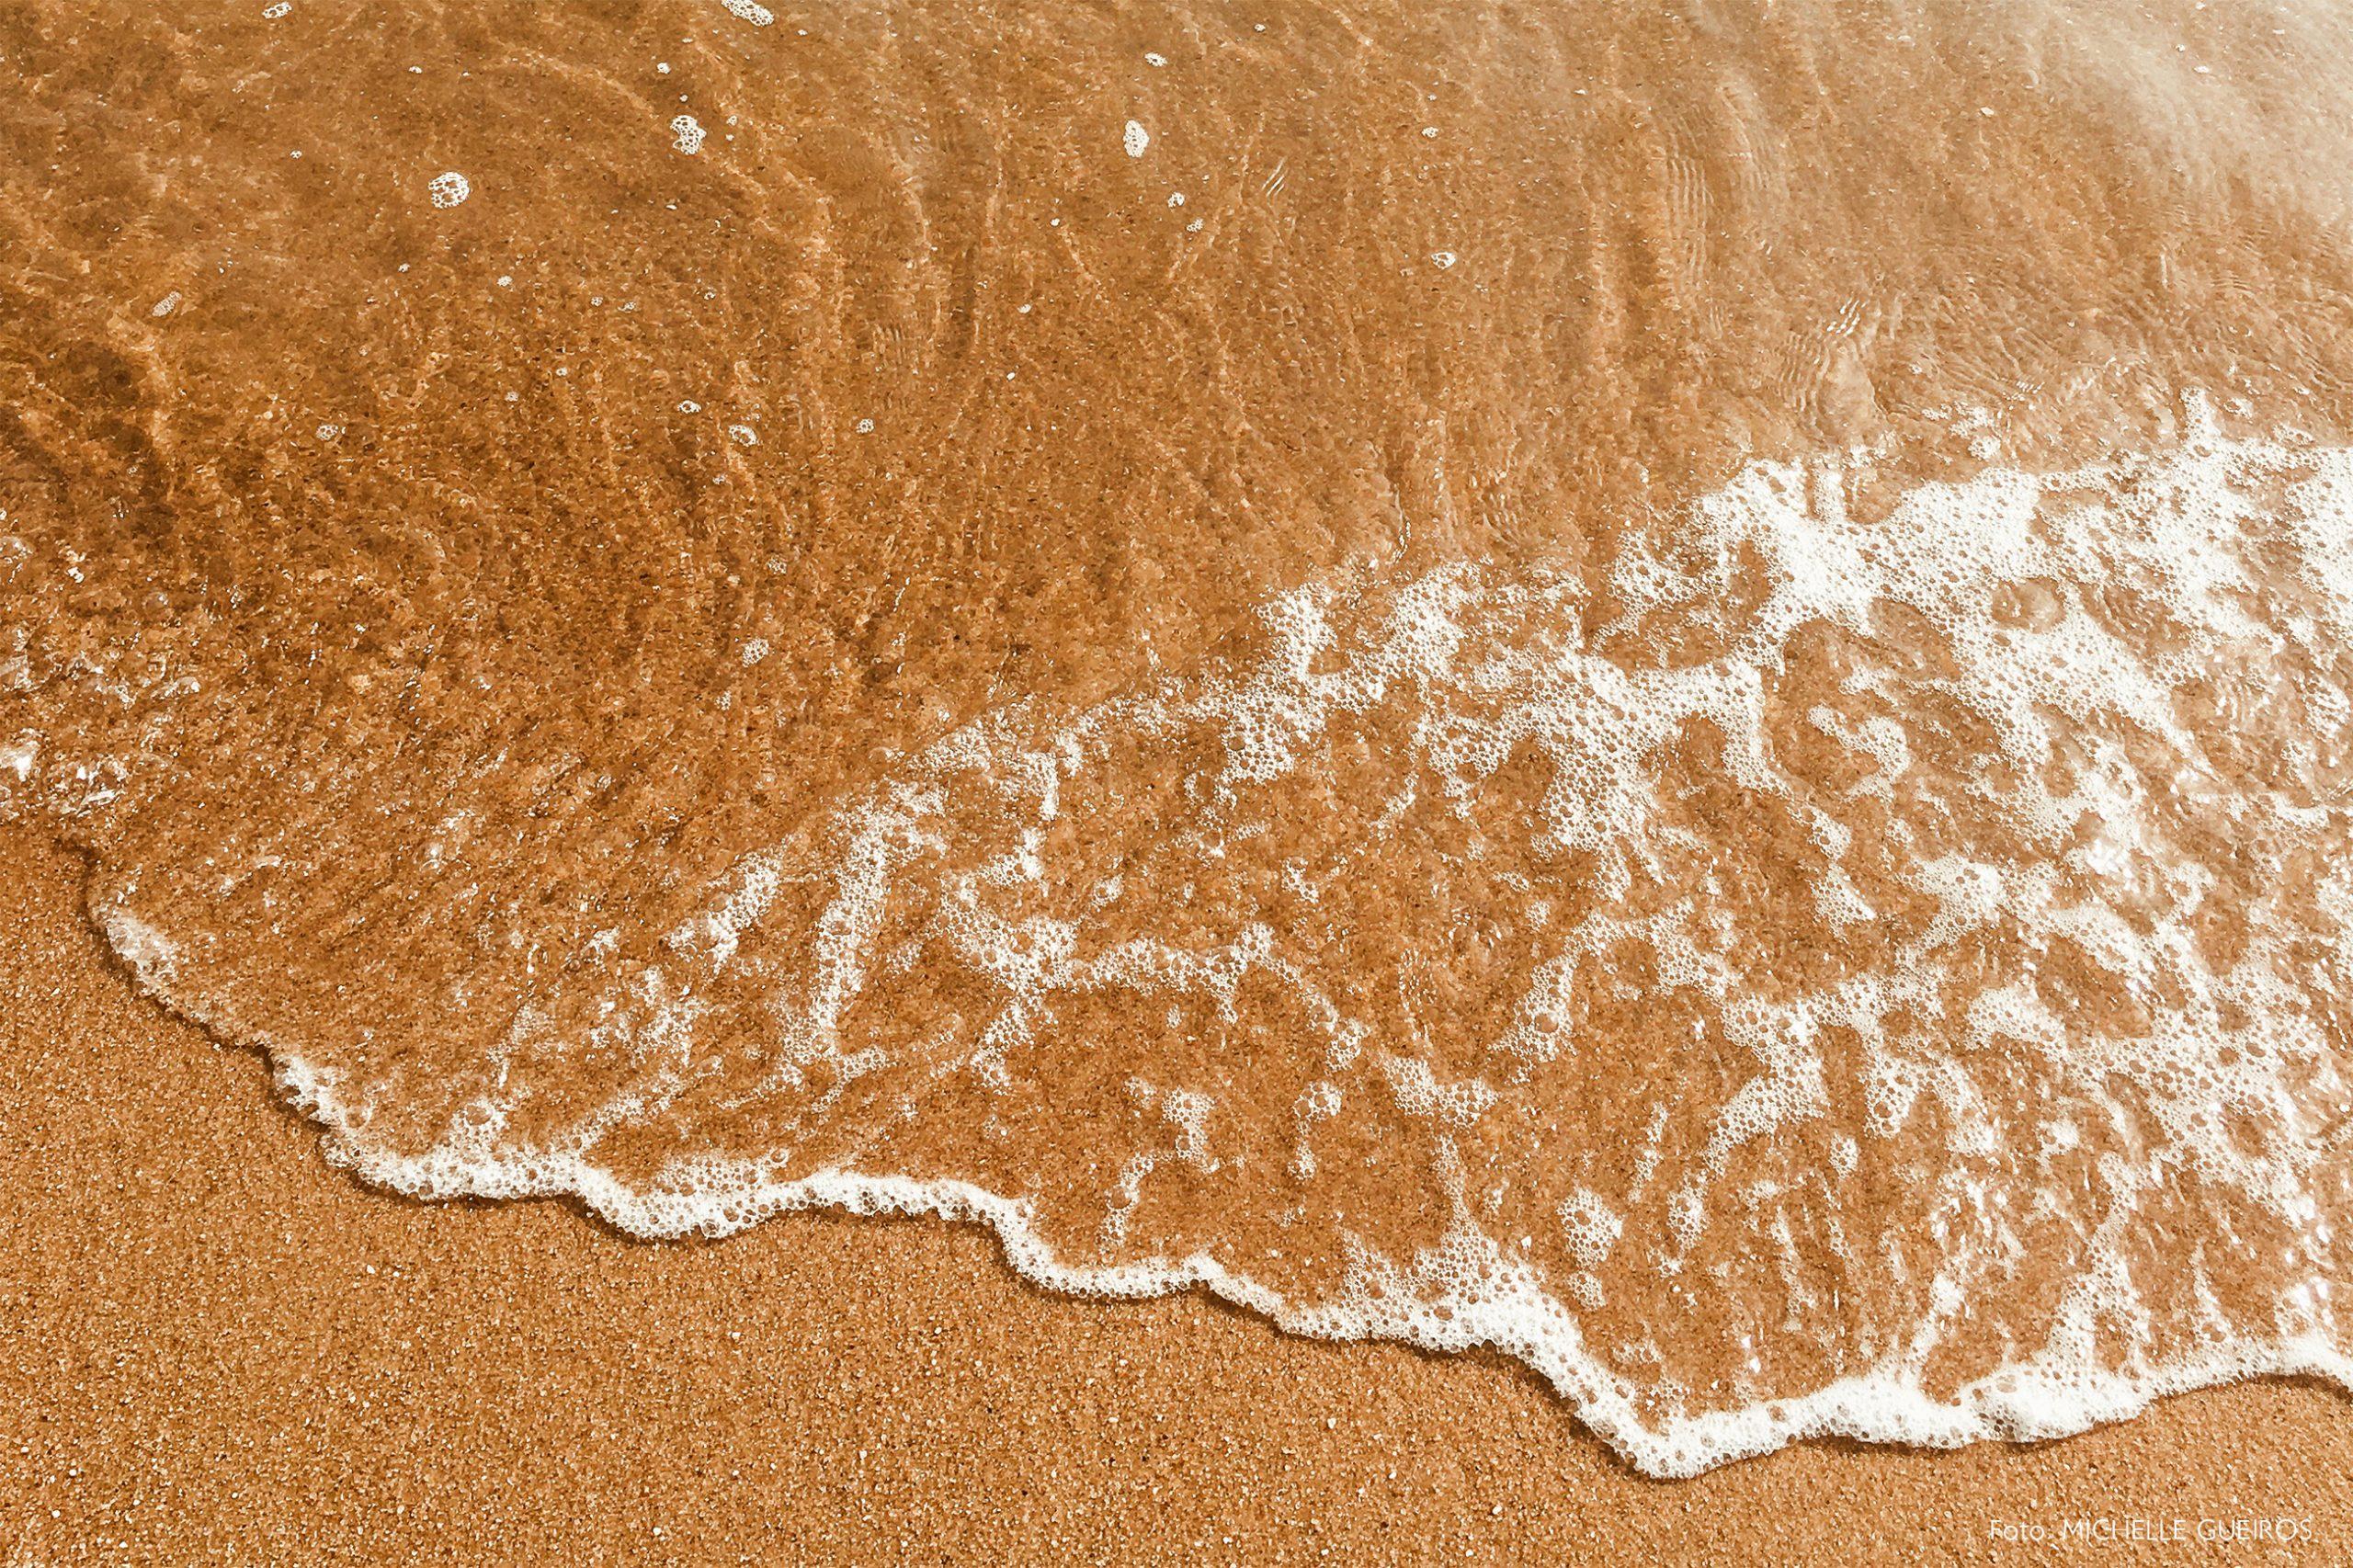 Gana viagem Kosa praia